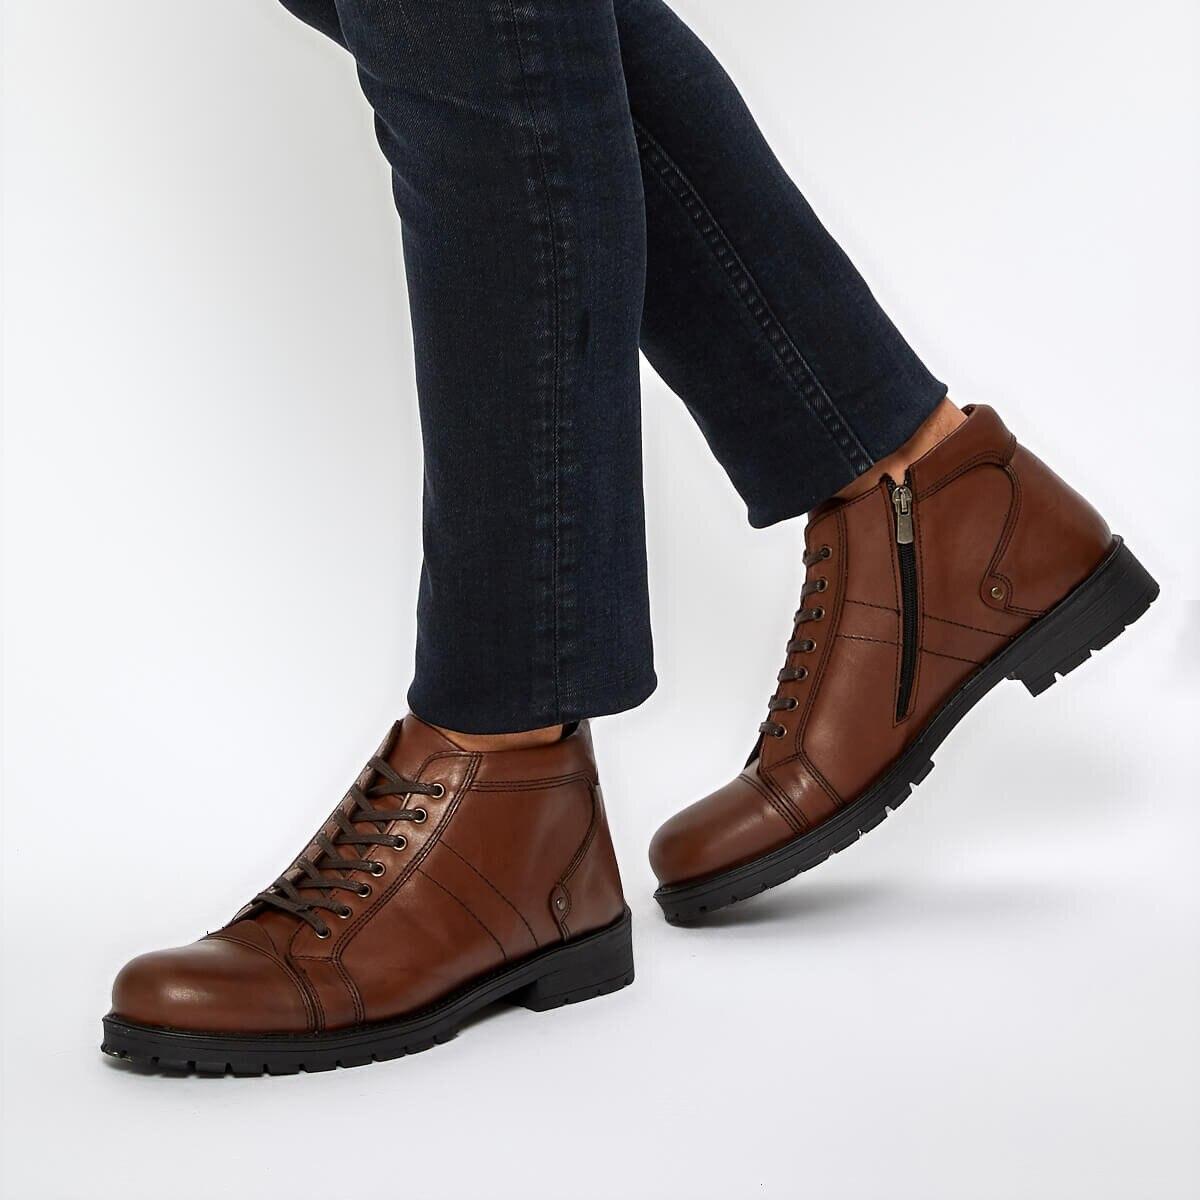 FLO 511 C 19 Tan botas de hombre óxido